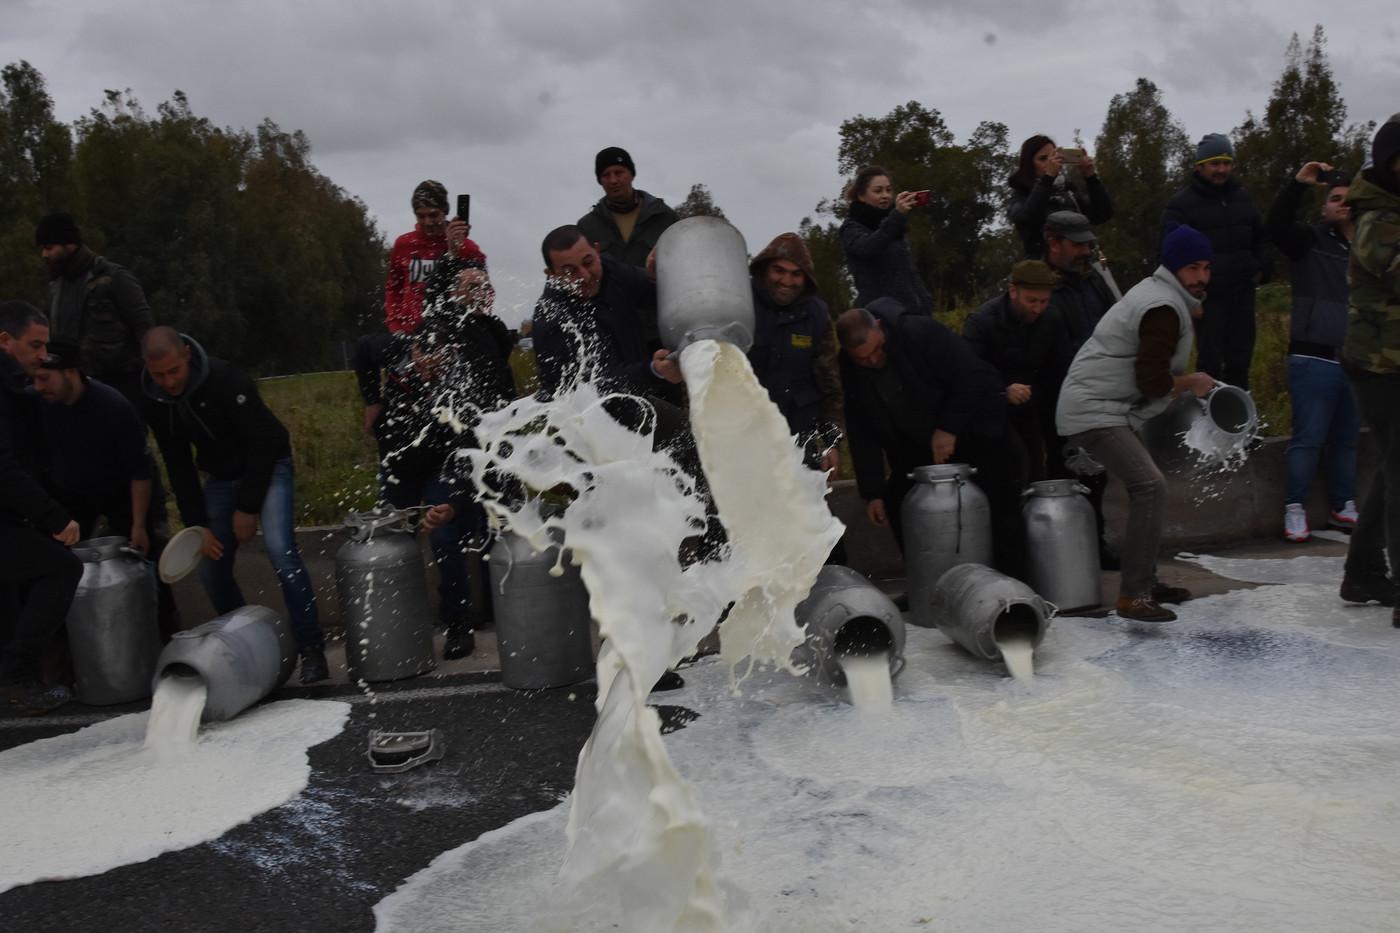 Latte, trattativa in stallo: rinvio a sabato. I pastori sardi puntano i piedi